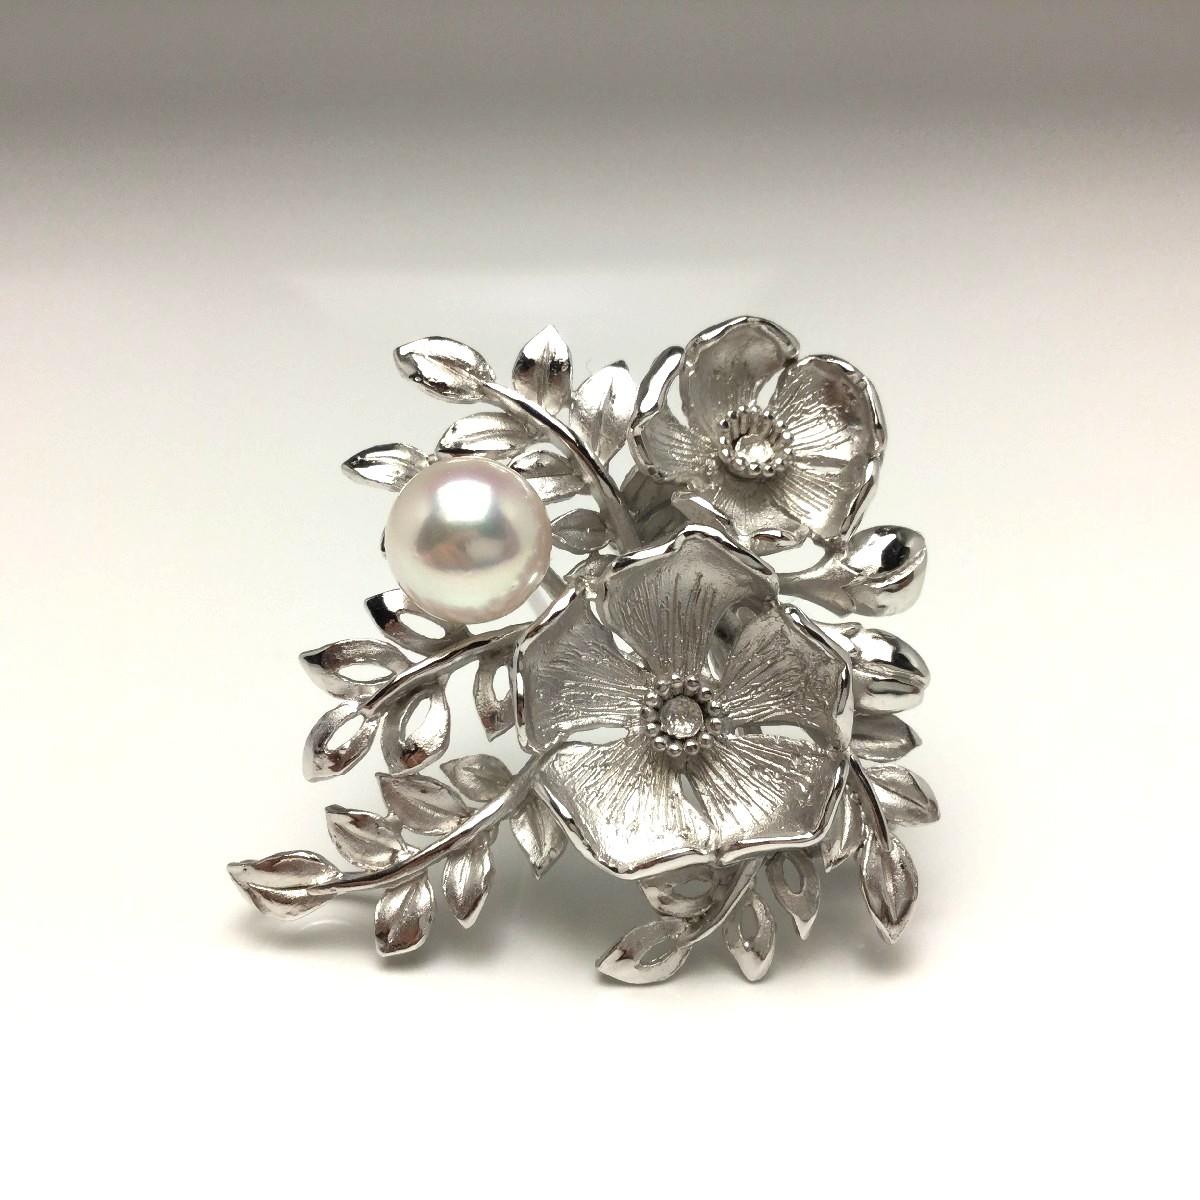 【送料無料】真珠の故郷・伊勢志摩で80余年の歴史 真珠専門店がお薦めする白蝶真珠ブローチ 真珠 ブローチ パール アコヤ真珠 7.9mm ホワイト シルバー 植物 フラワー 66089 イソワパール